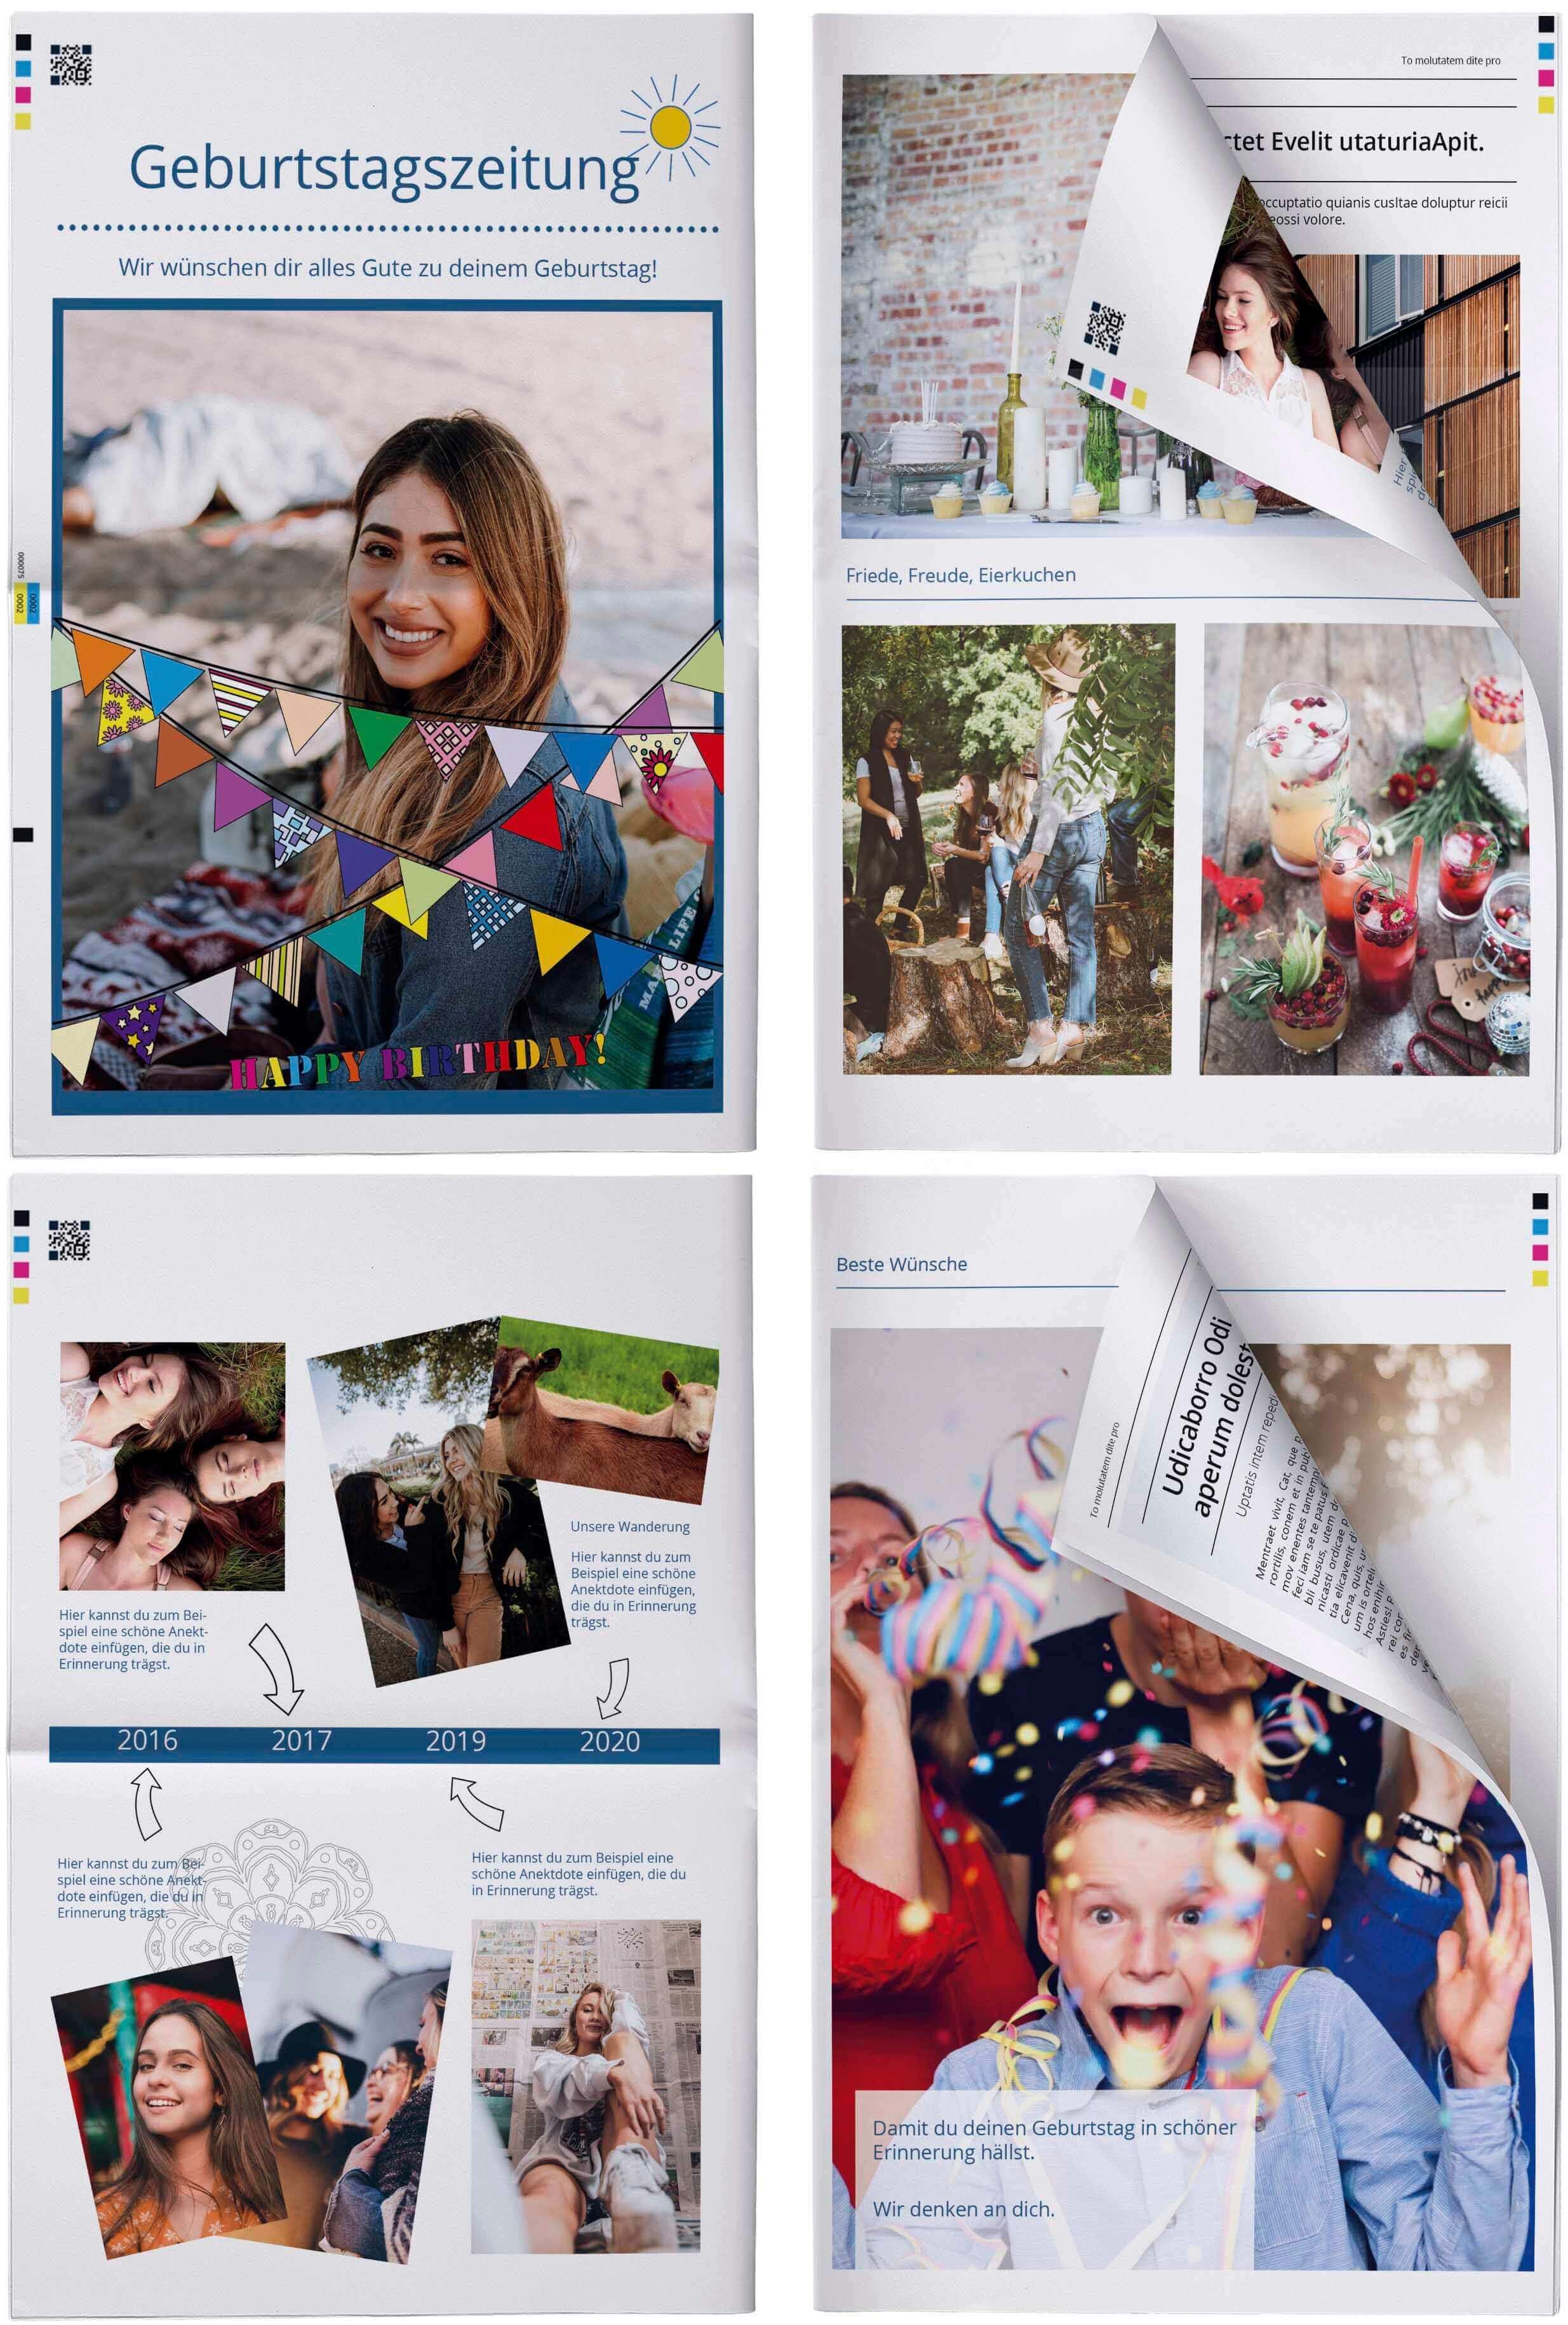 Geschenkzeitung für Geburtstag gestalten